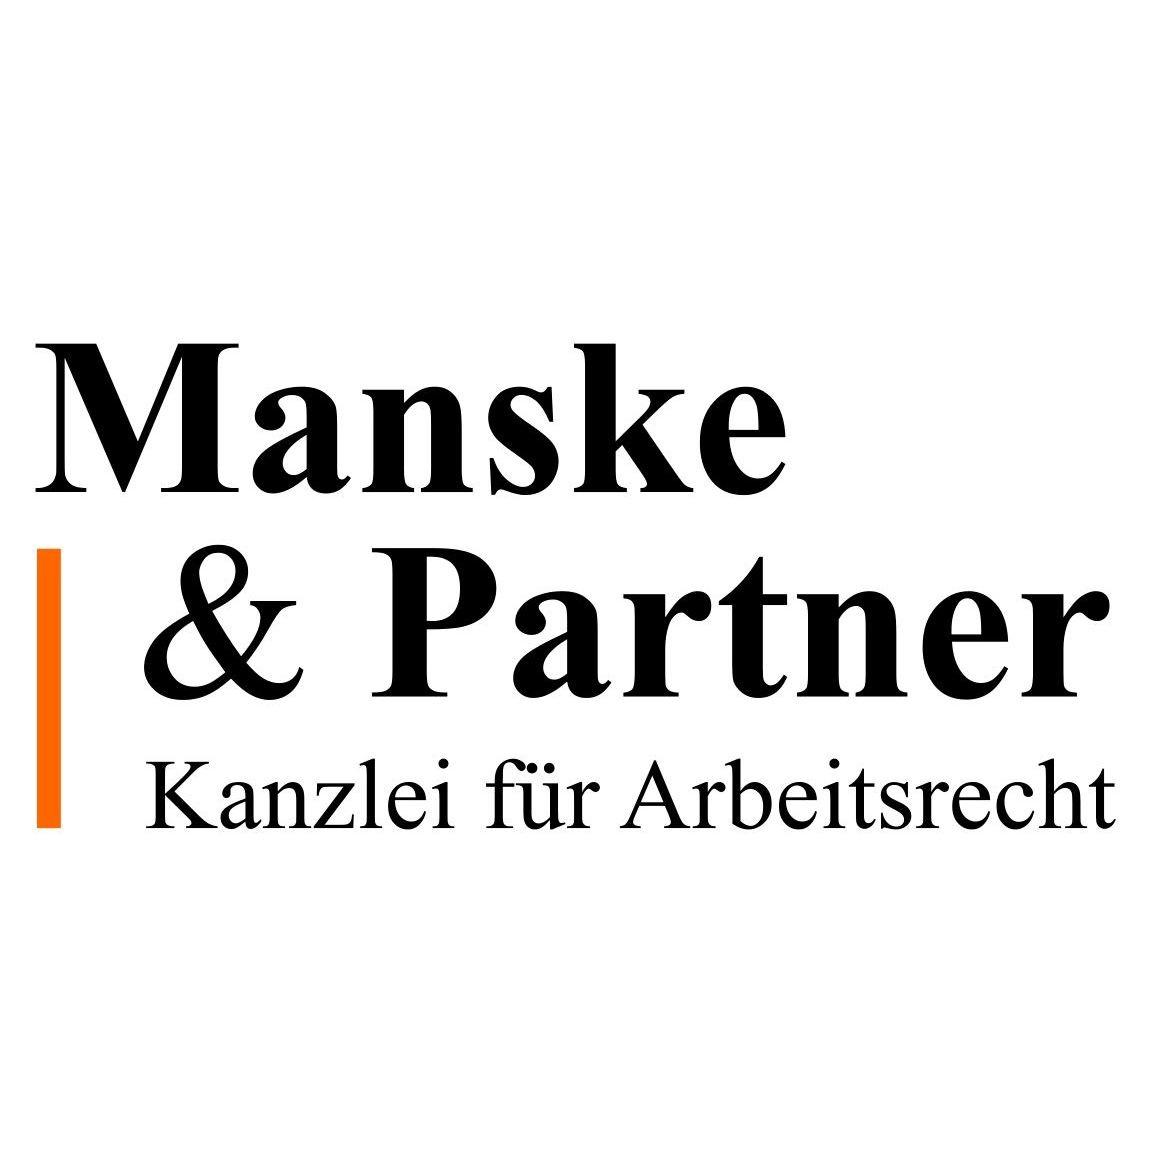 Bild zu Manske & Partner Kanzlei für Arbeitsrecht in Ansbach